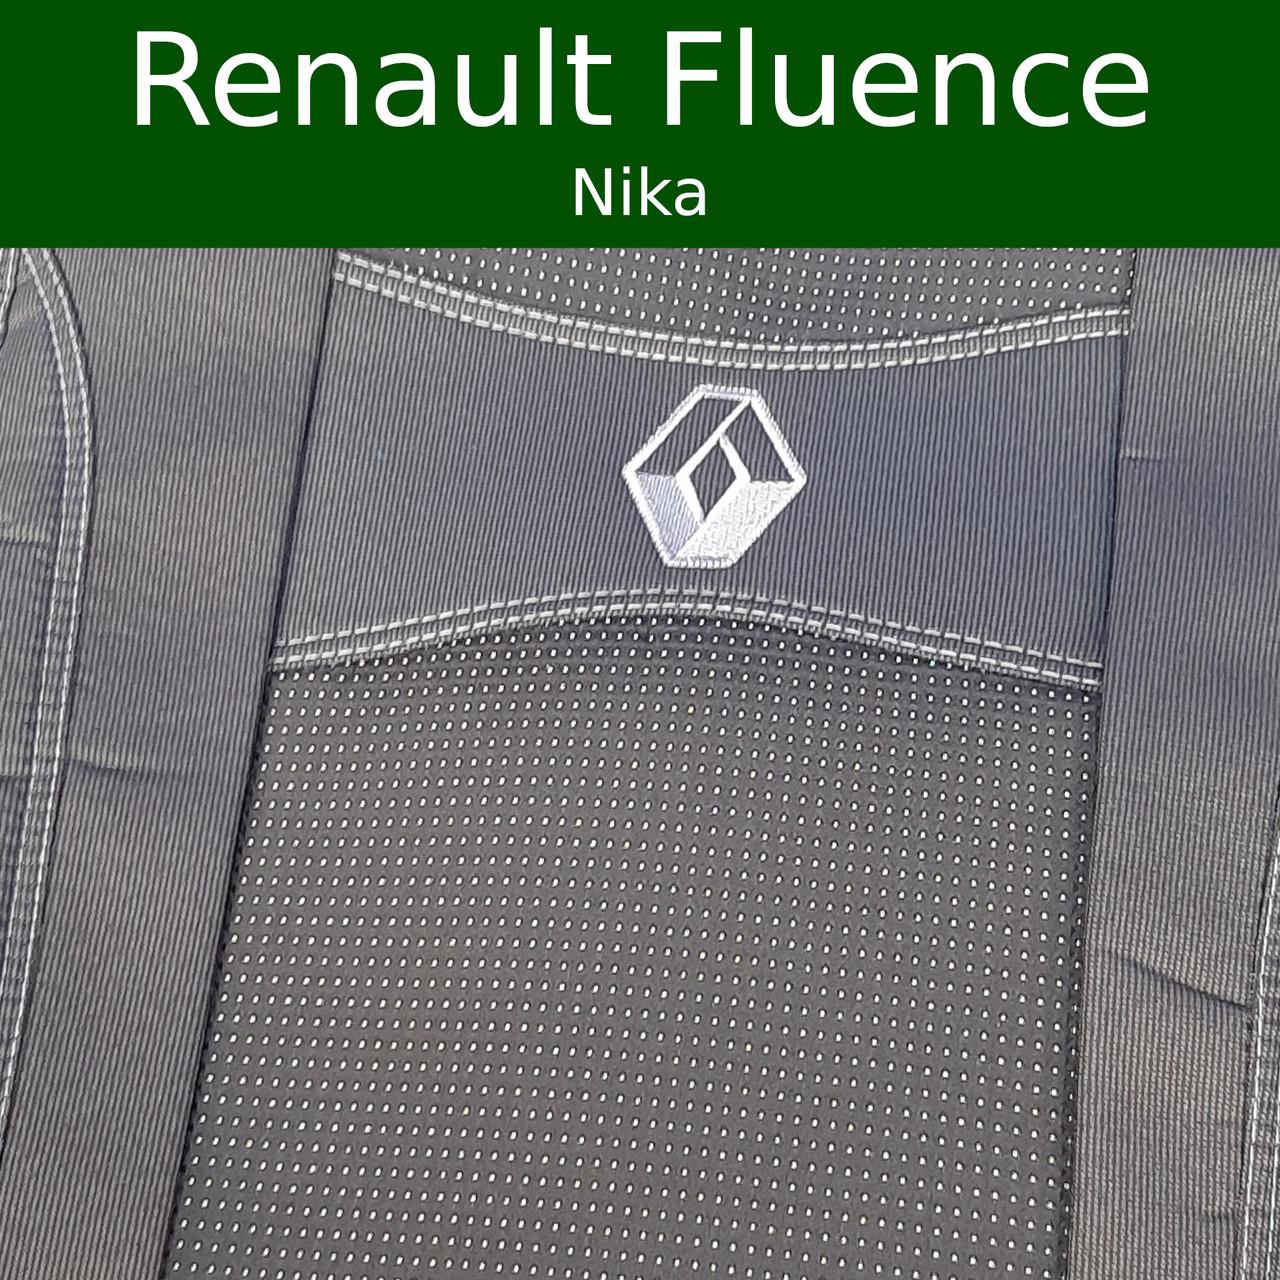 Чехлы на сиденья для Renault Fluence (Nika)